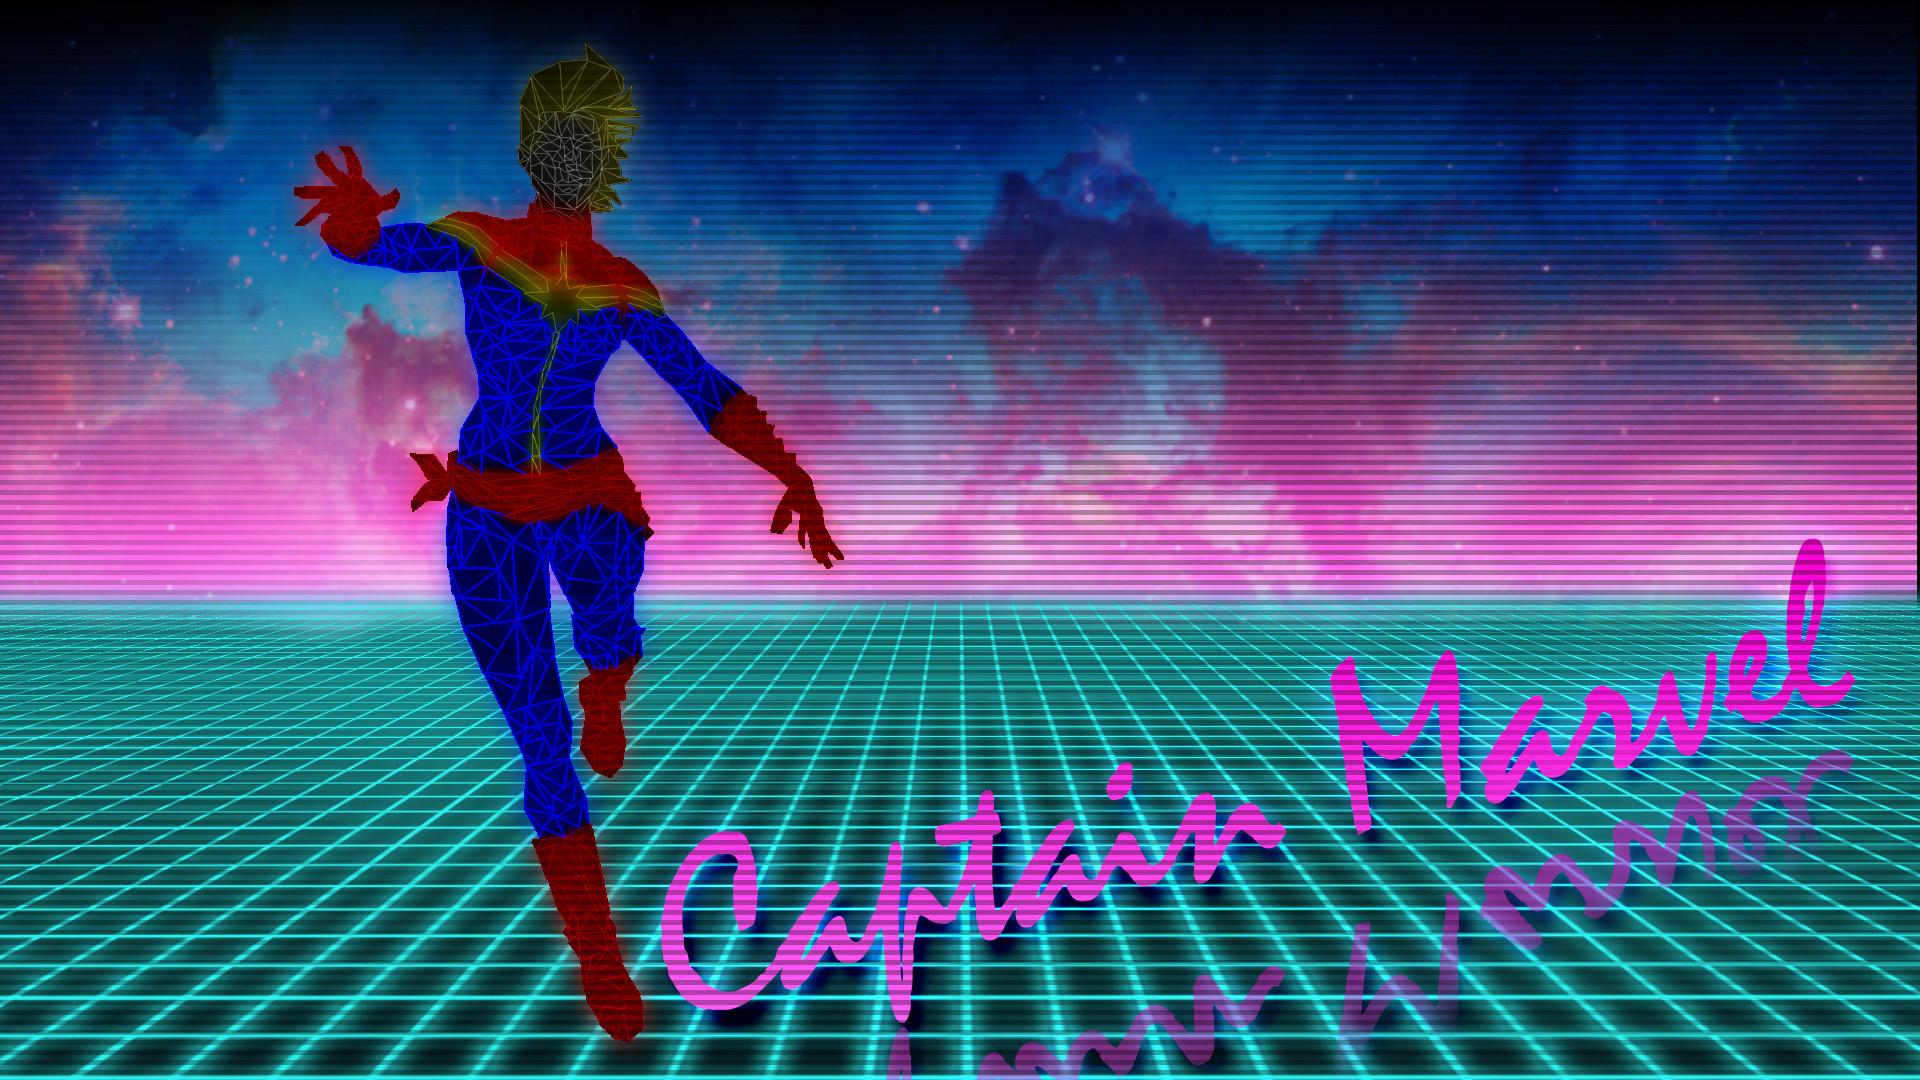 80s Neon Style Captain Marvel Wallpaper …